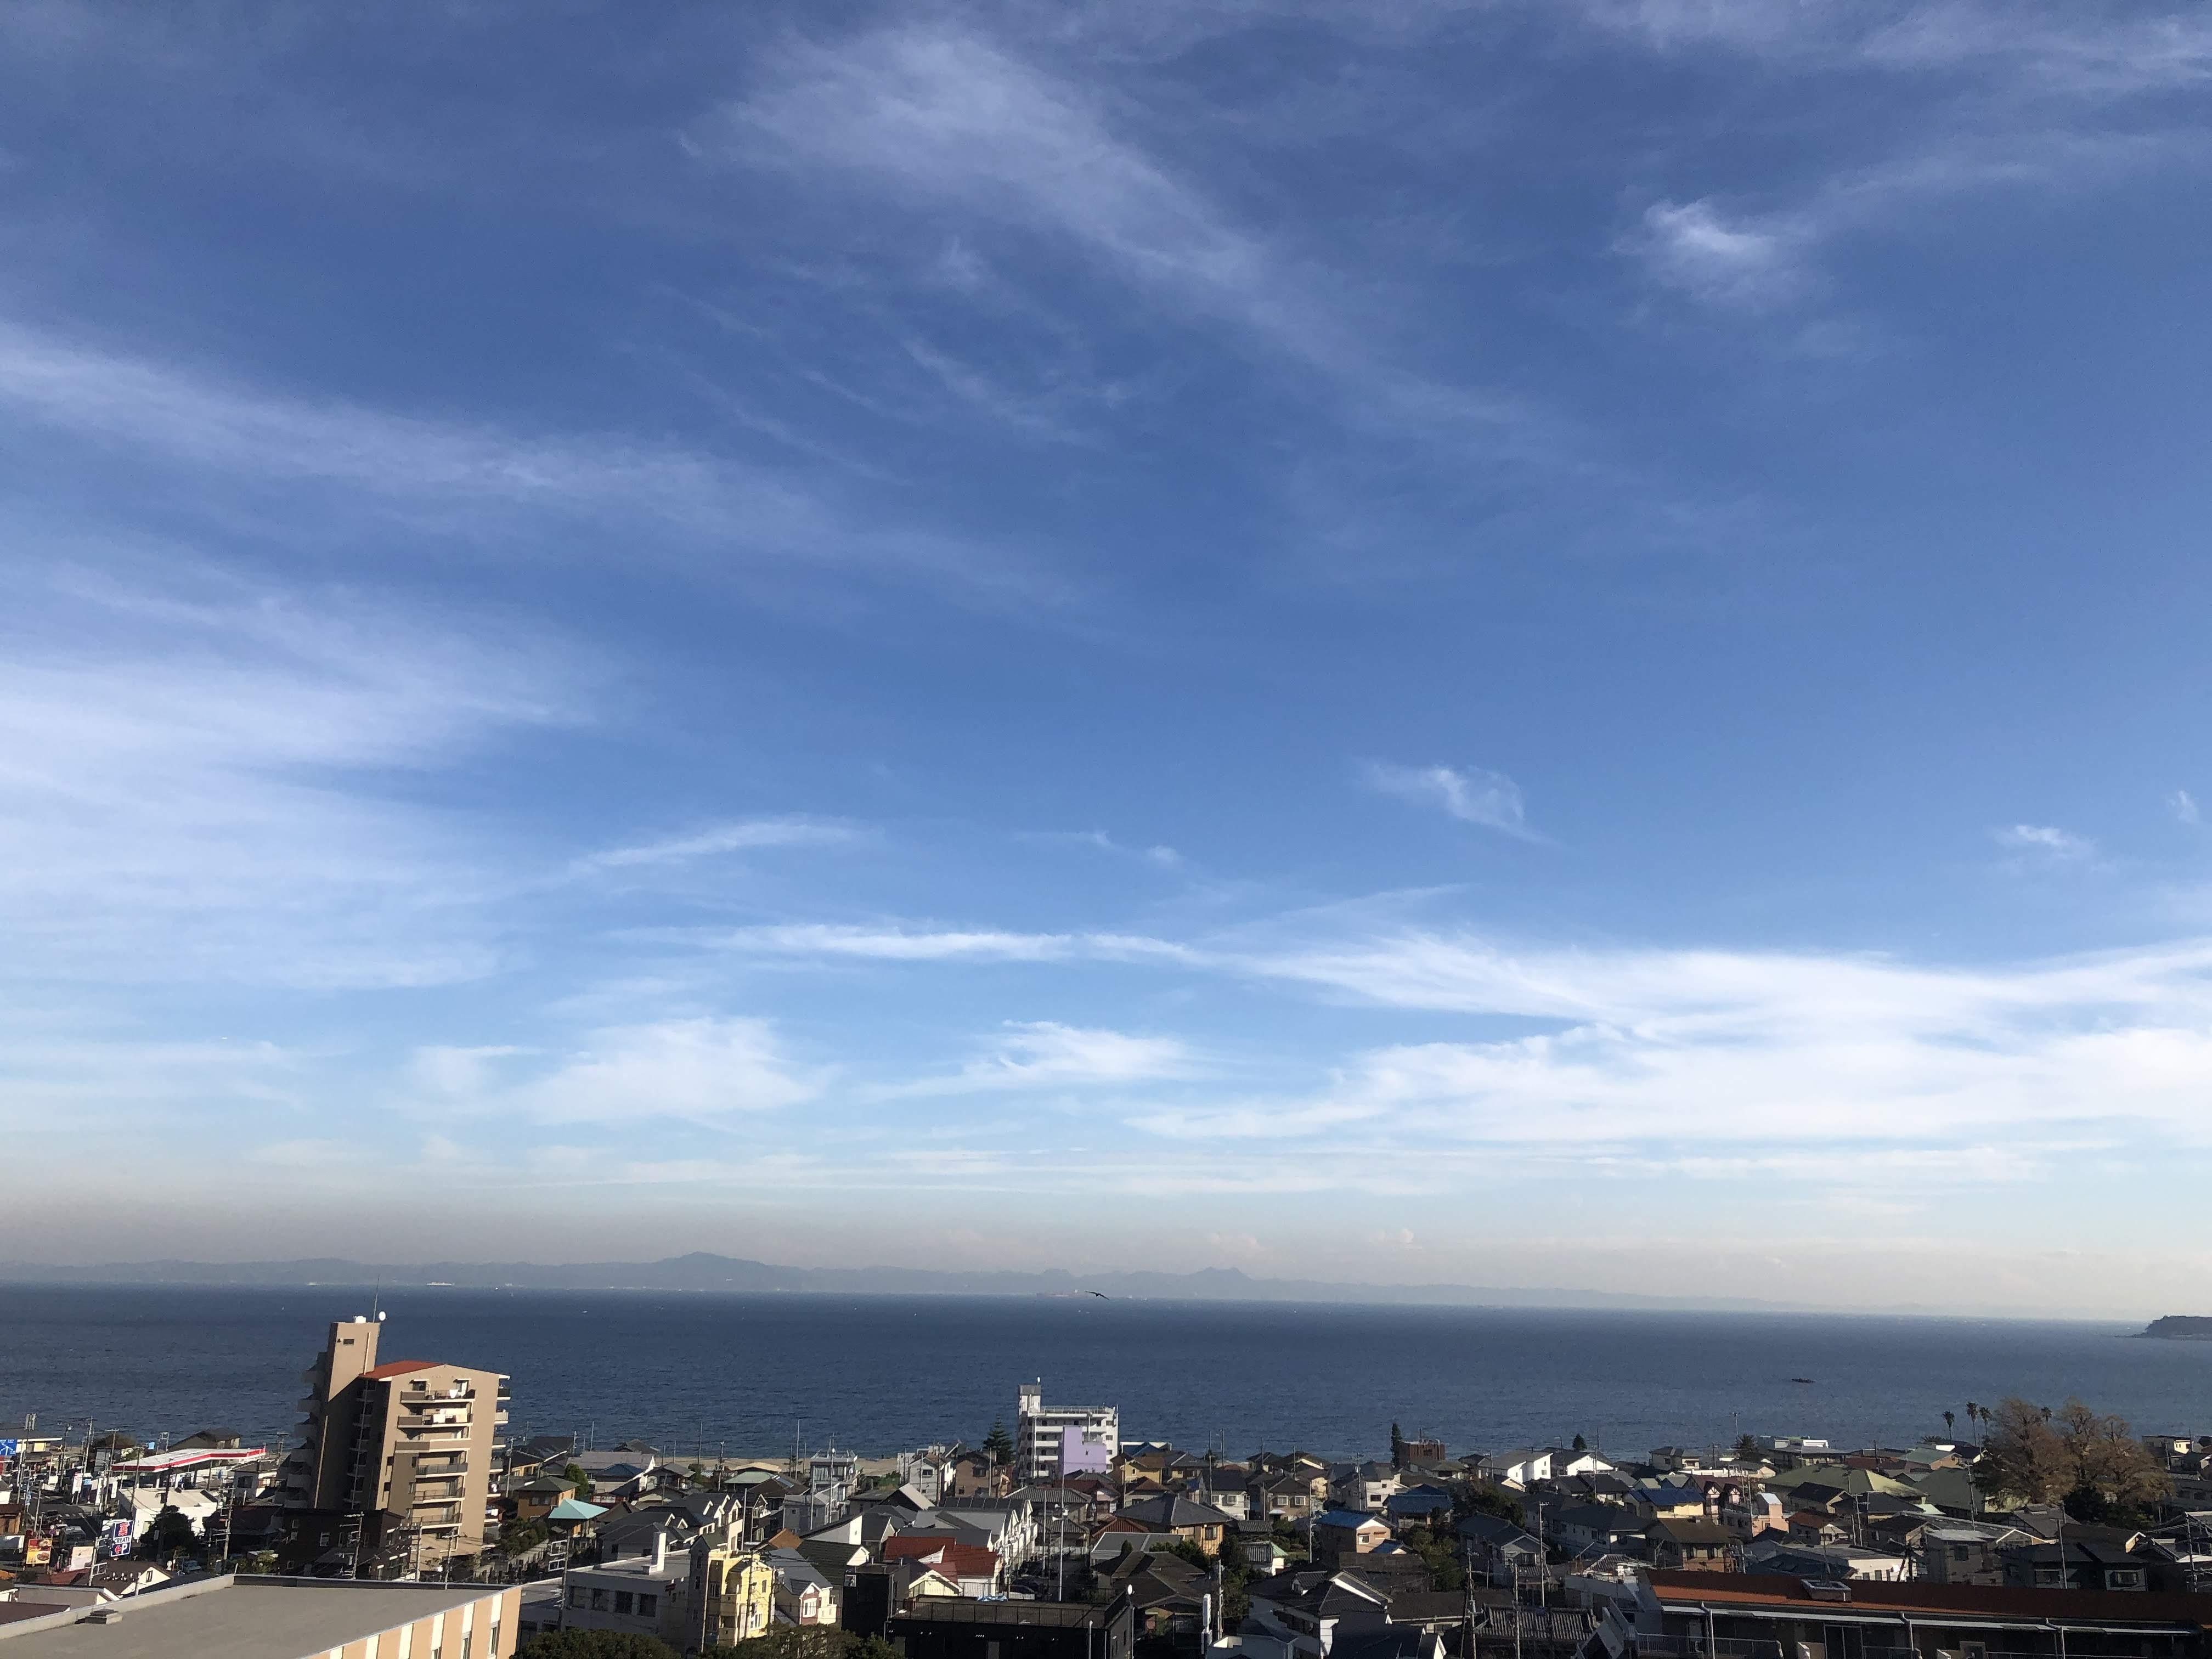 ノンプロ研もくもく合宿 in 三浦海岸